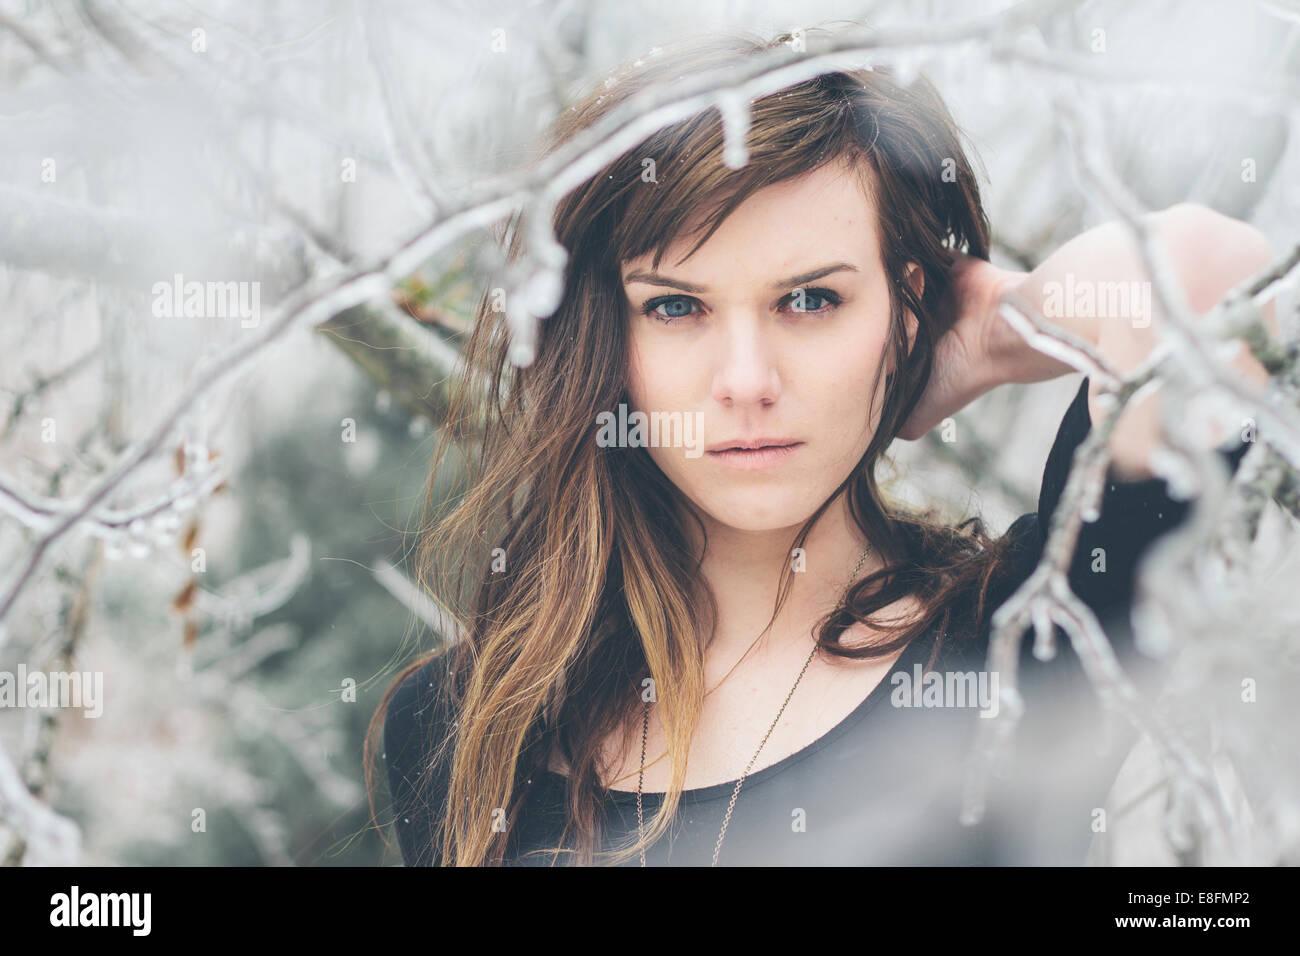 Retrato de mujer joven de pie entre las ramas congeladas Imagen De Stock